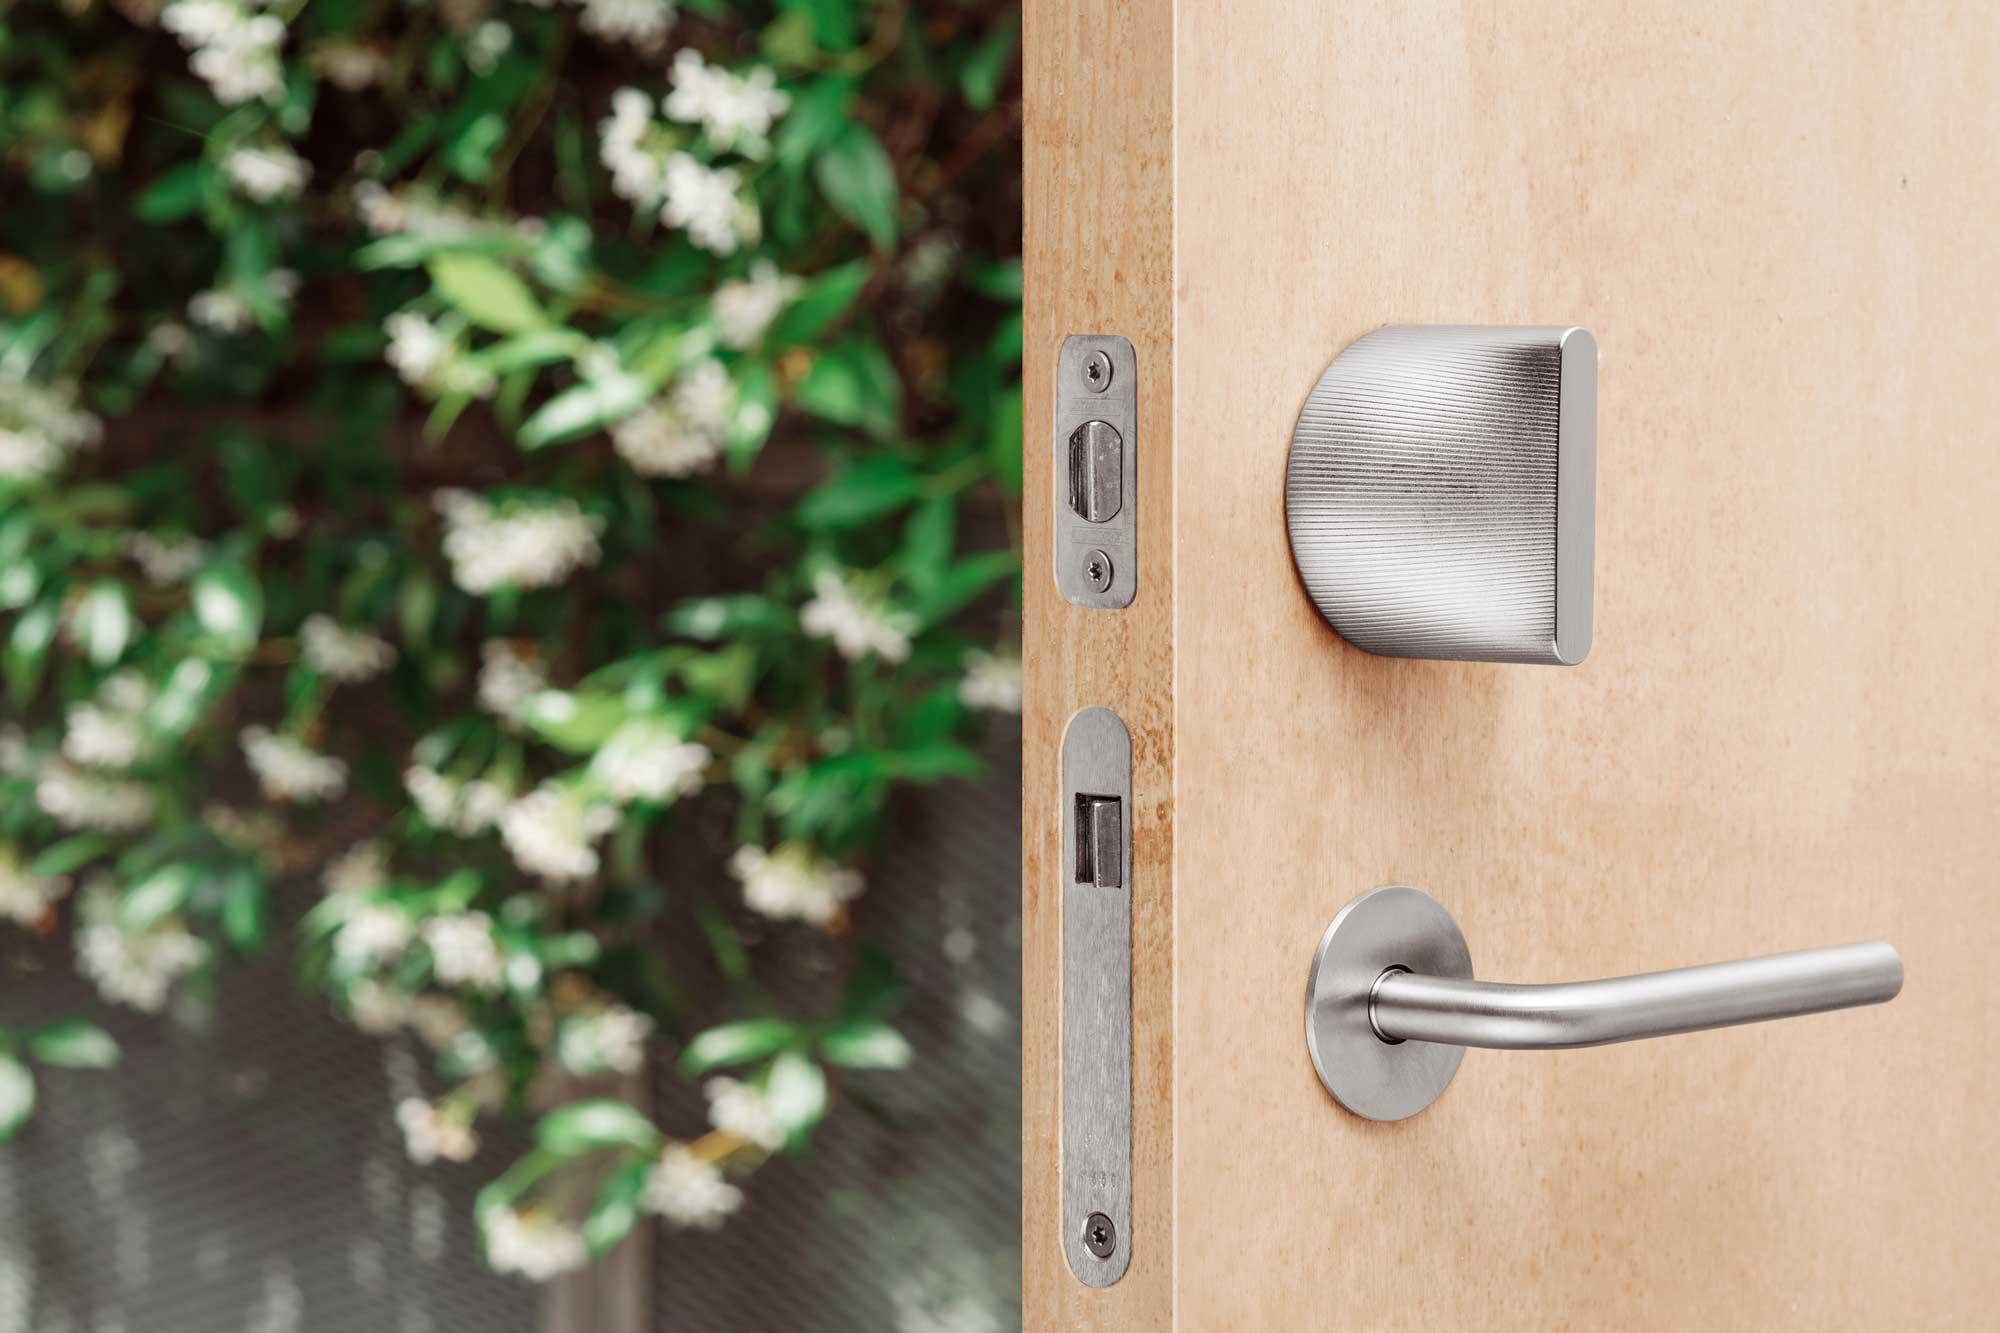 HomeKit Friday door Lock with door open